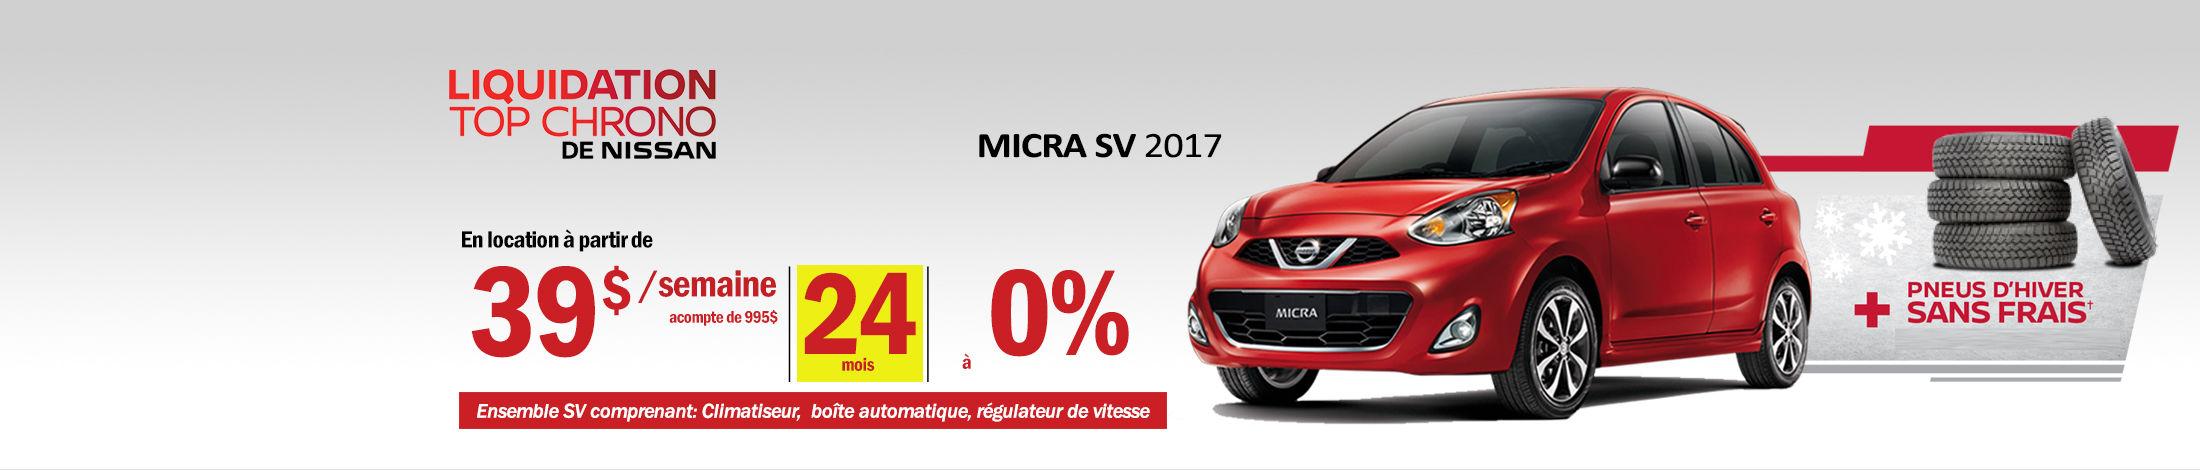 Nissan Micra Promotion octobre - Banner